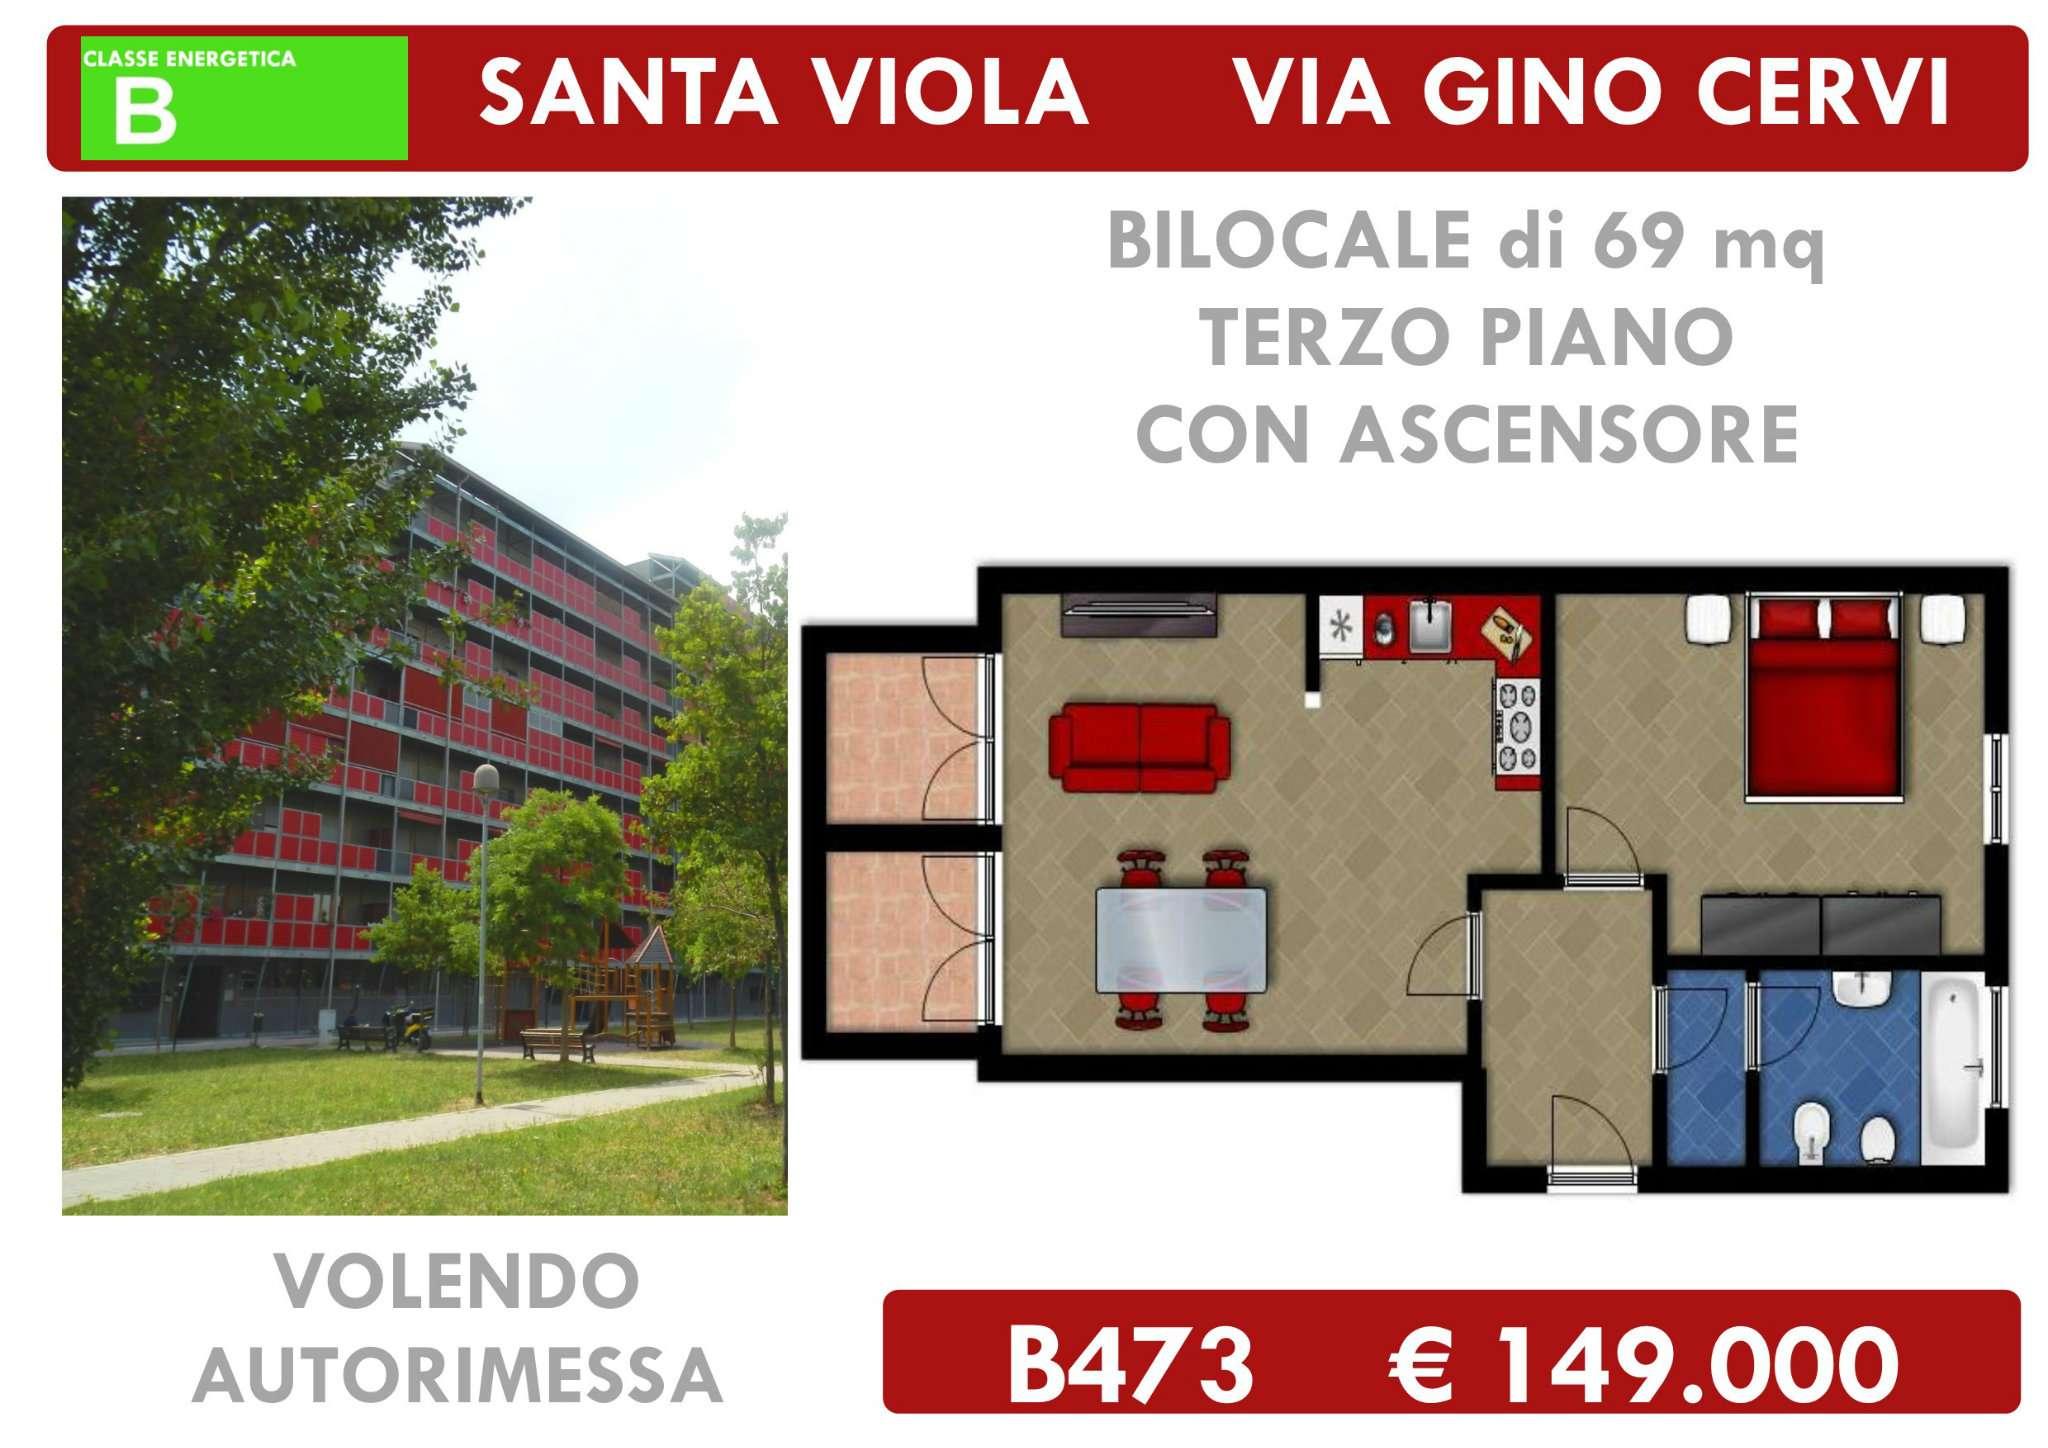 Bilocale vendita bologna zona san viola for Planimetrie della serra